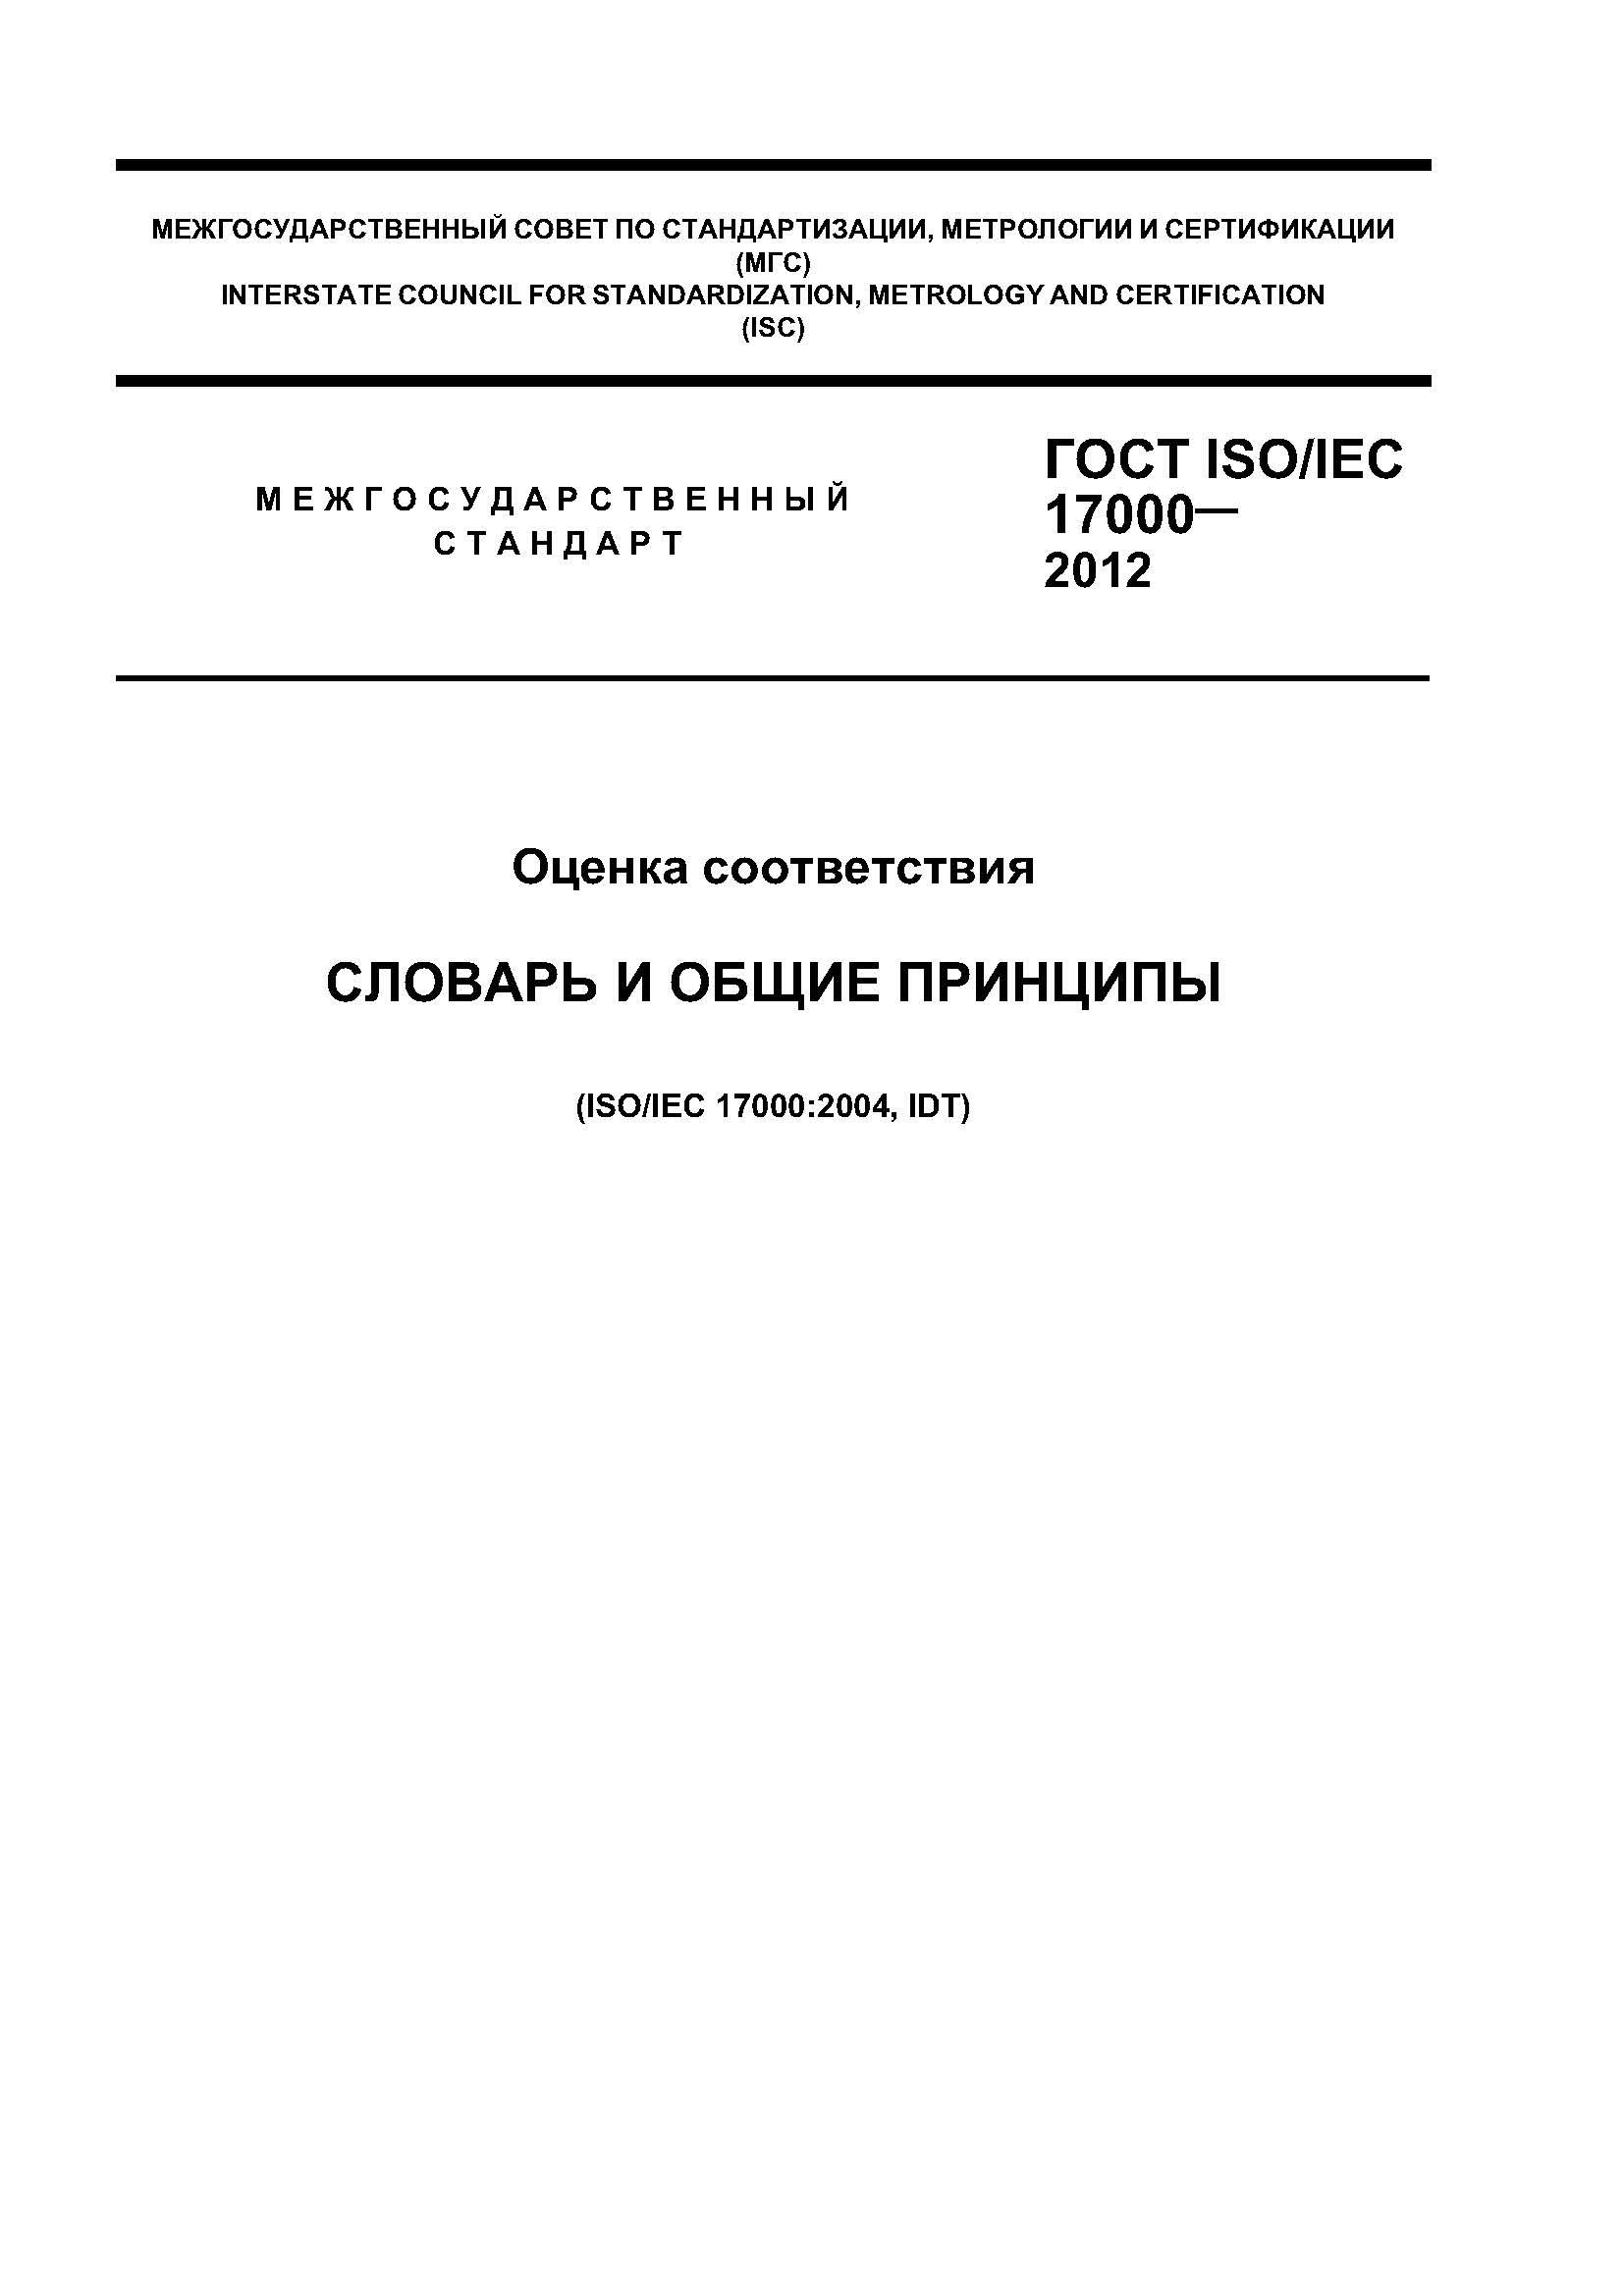 ГОСТ ISO/IEC 17000-2012